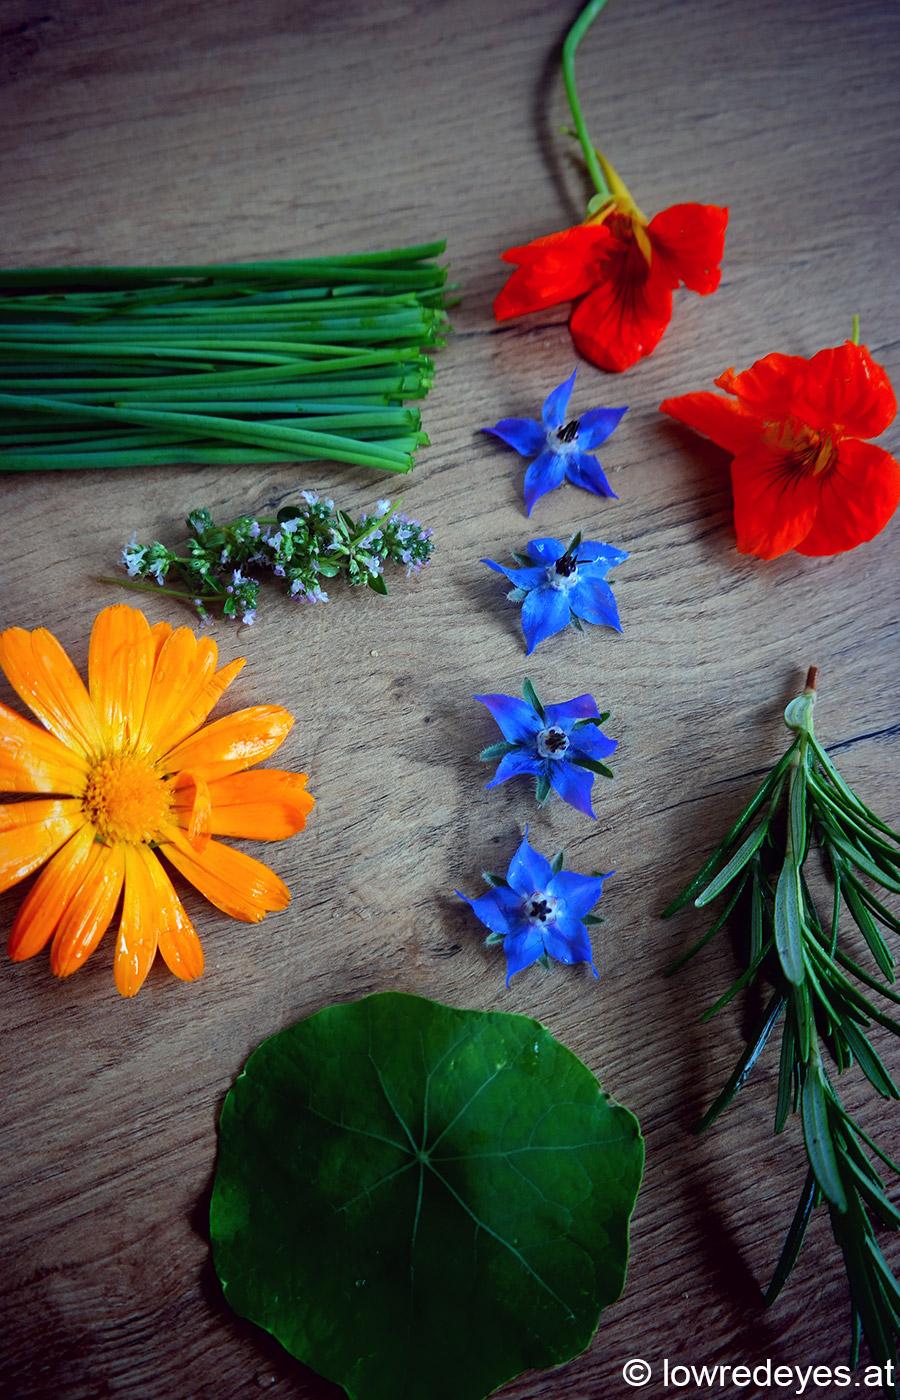 Rezept: geschüttelte Kräuterbutter mit Rosmarin, Schnittlauch, Kapuzinerkresse, Thymianblüten, Borretsch, Ringelblumen, Knoblauch, Sahne